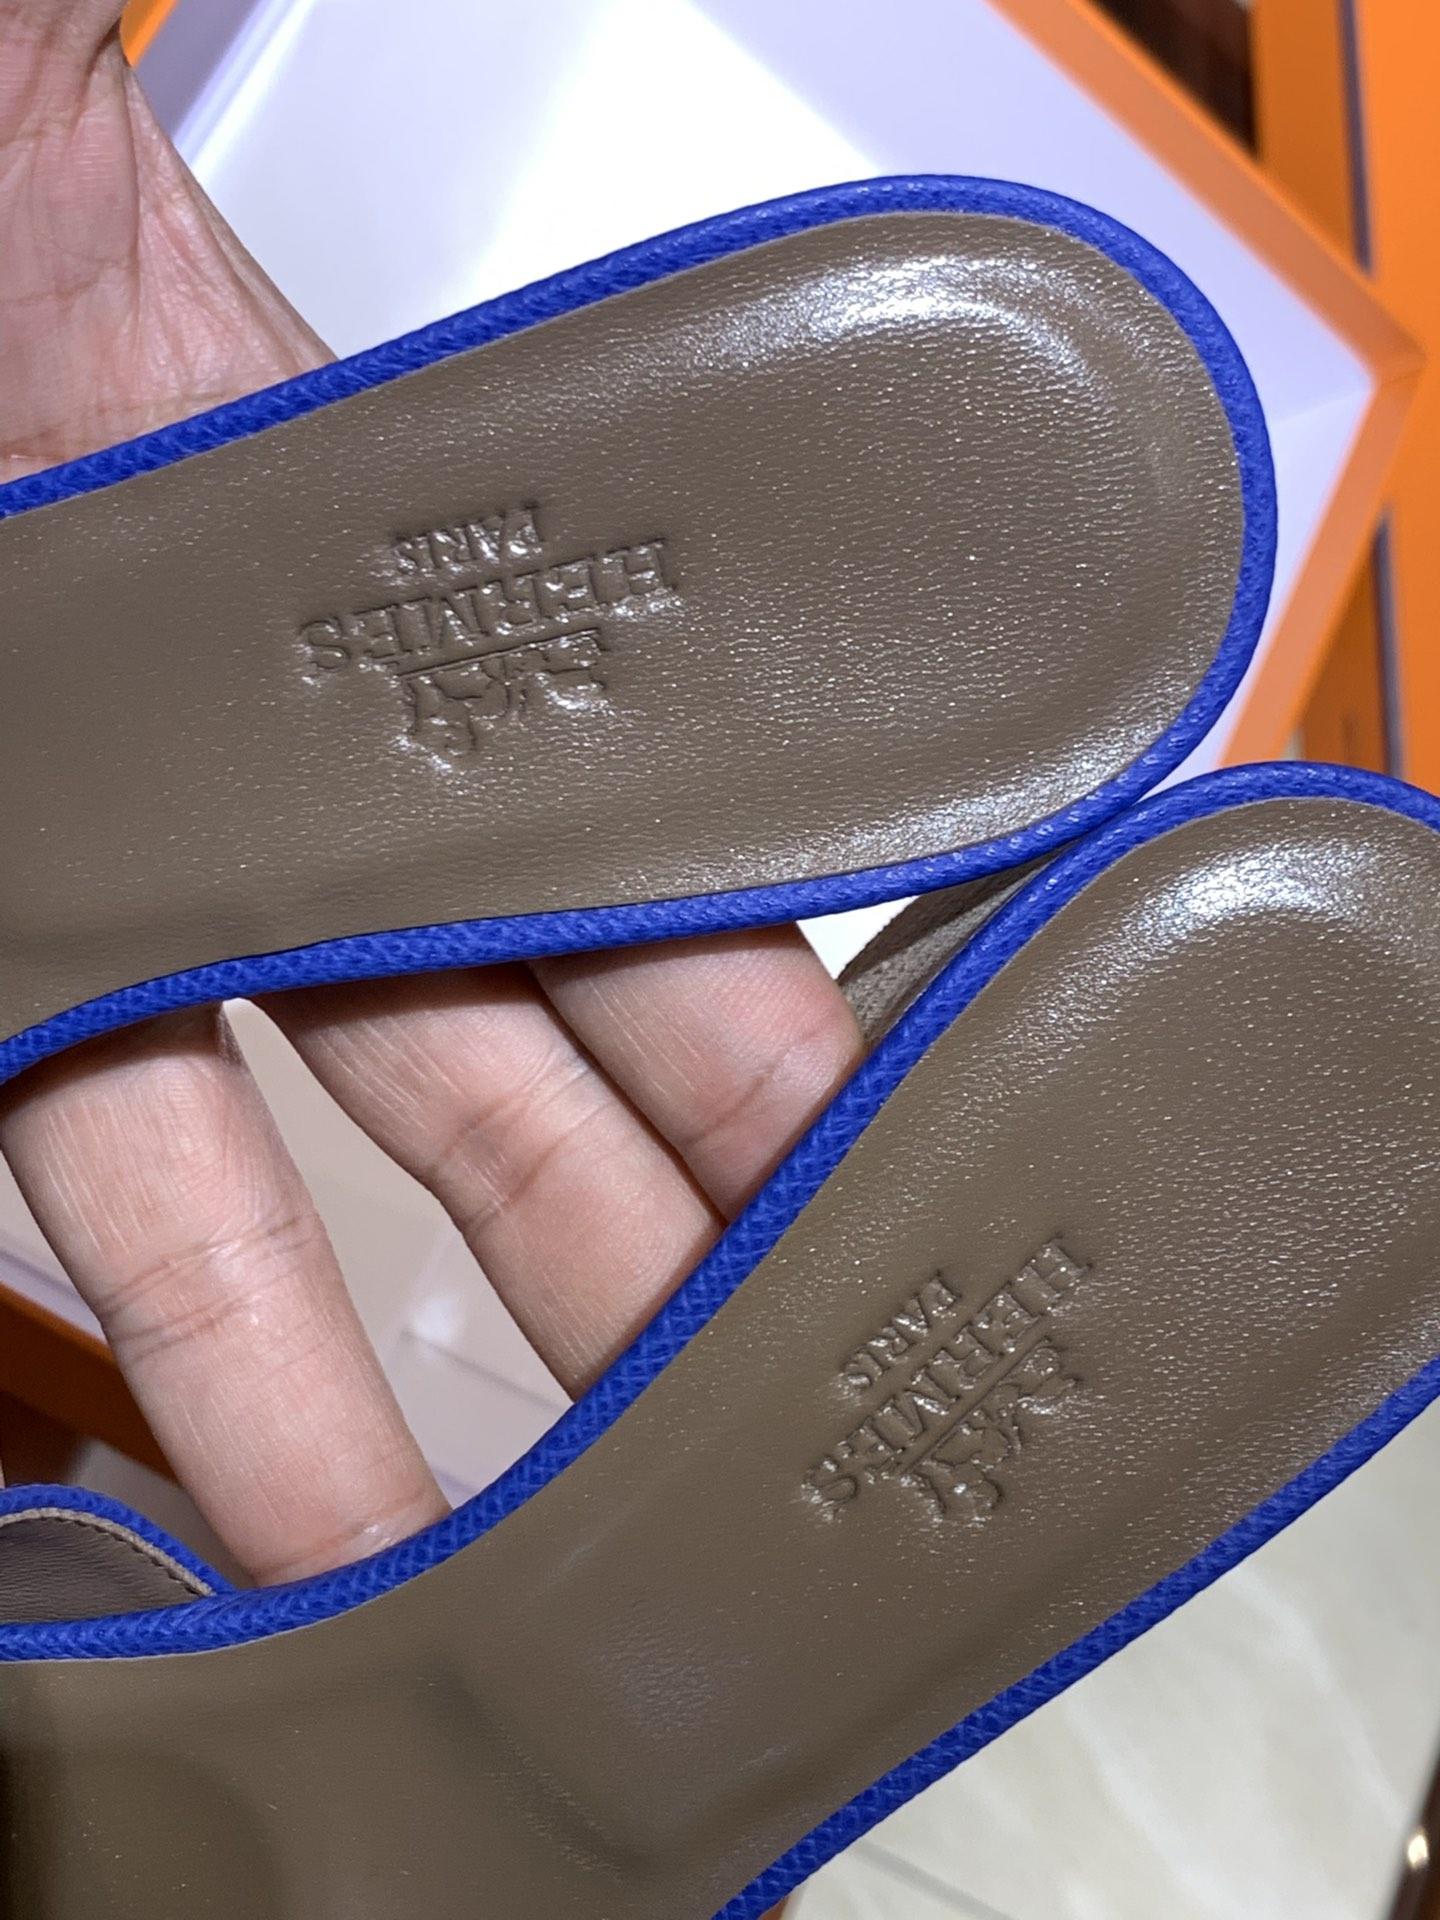 爱马.仕  经典款拖鞋 高端订制  独家品质   材质:掌纹皮 颜色:电光蓝 尺寸:平跟35~41 中跟35~41(跟高4cm) 偏小一码  码数不调换